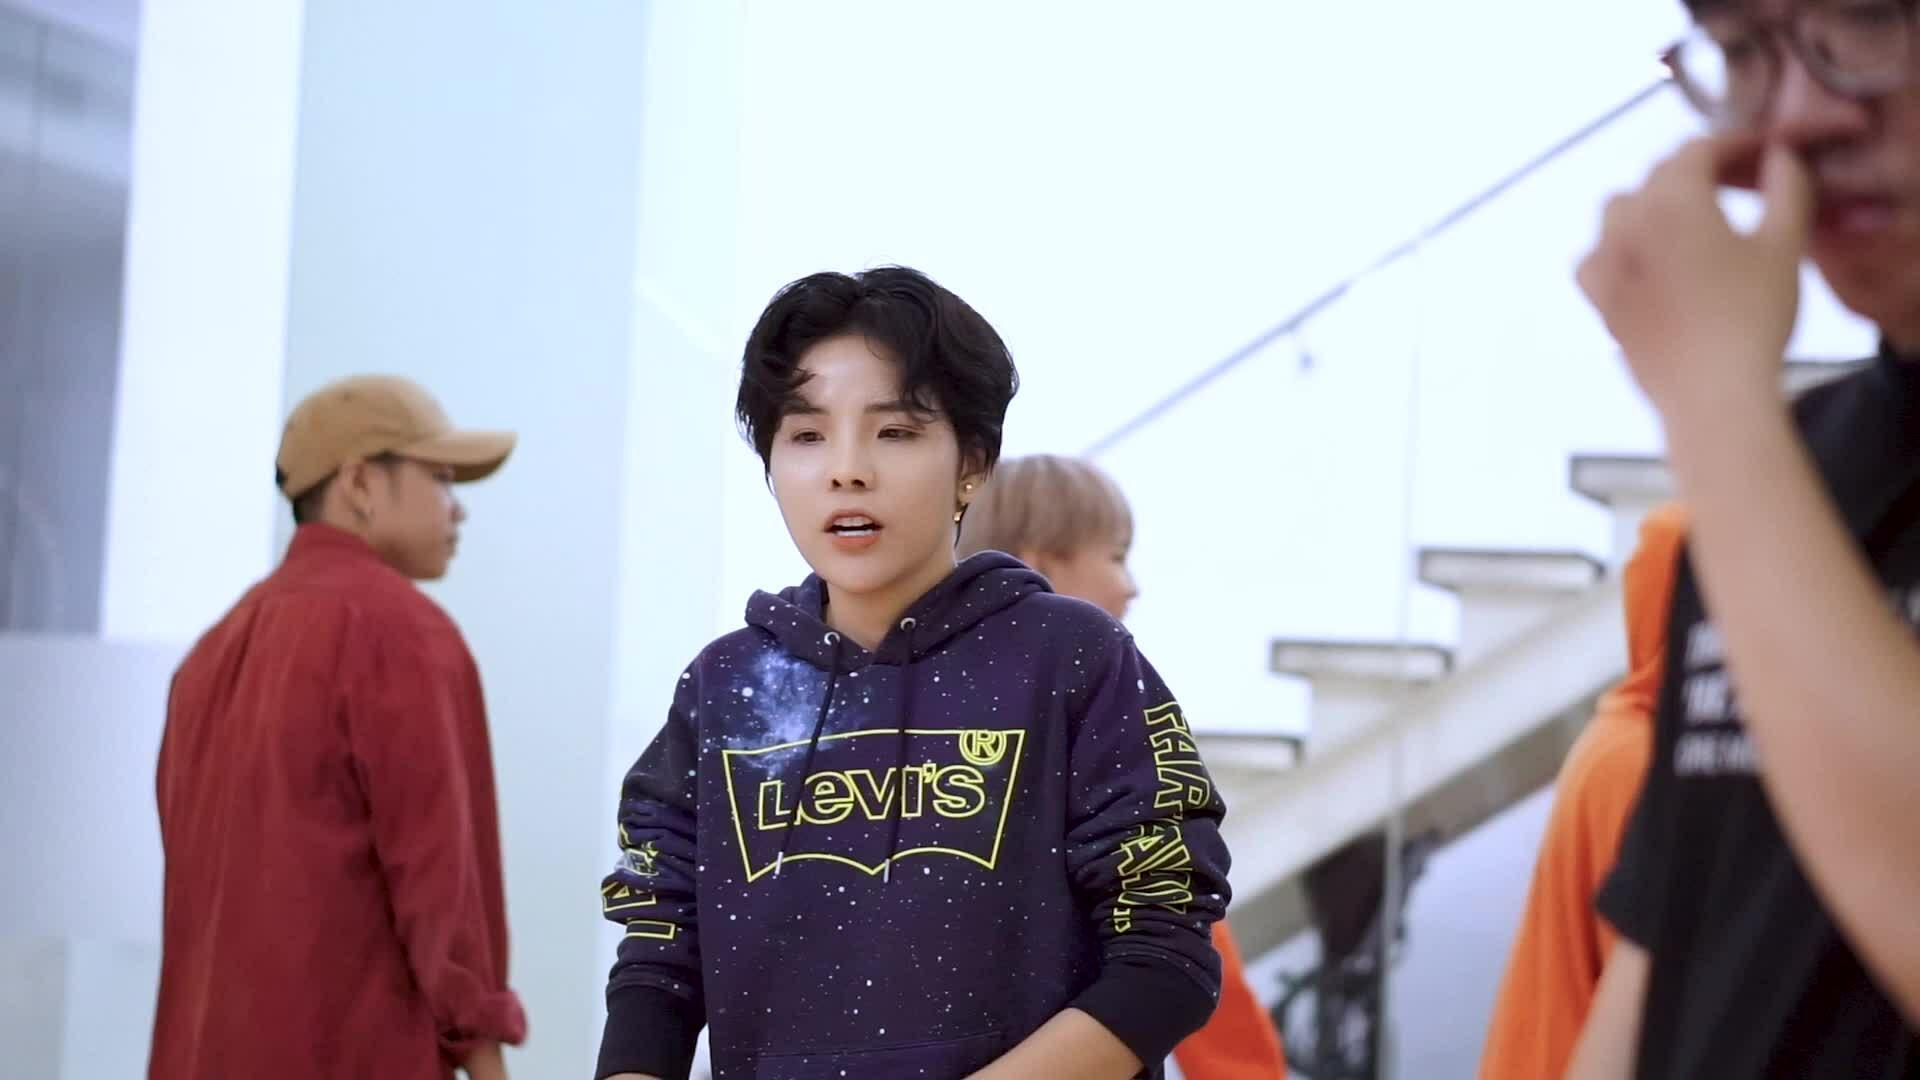 Fan lo lắng thấy Vũ Cát Tường cà nhắc tập luyện cho concert